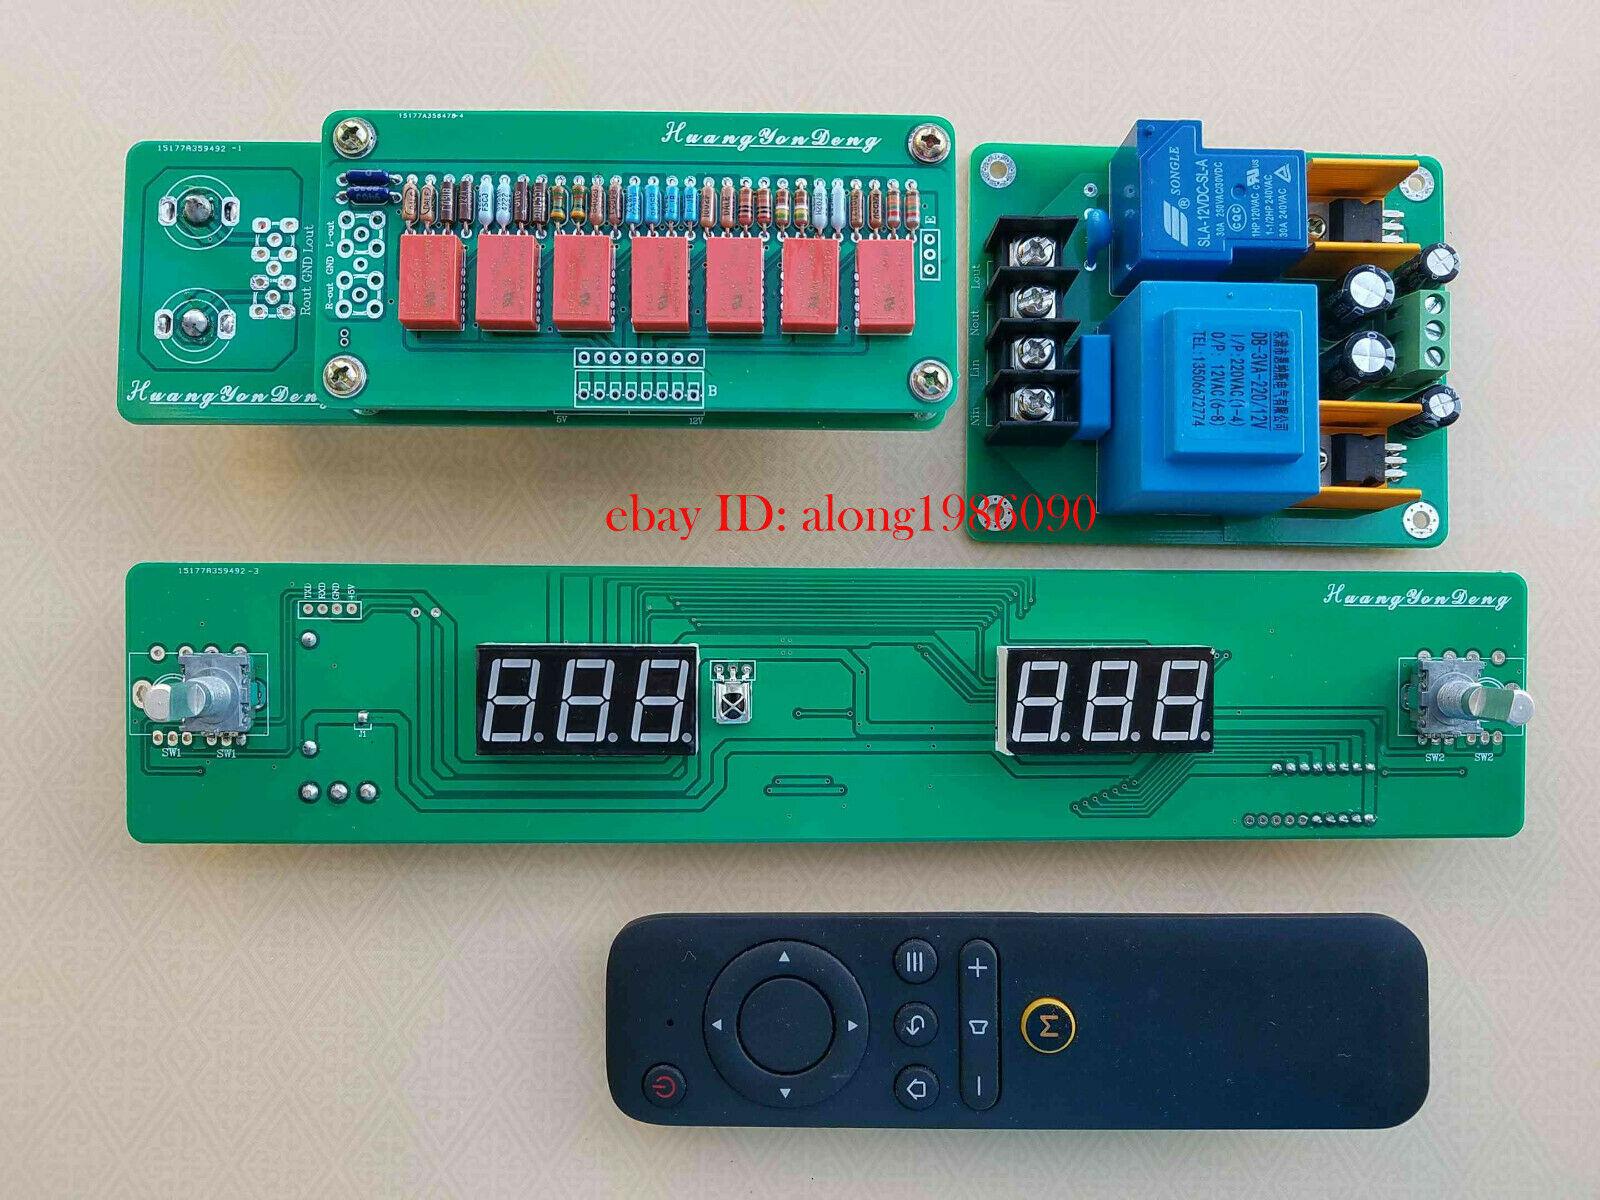 GZLOZONE Hiend 128 Steps Remote Volume Control Board Relay Pure Resistor Shunt L14 24